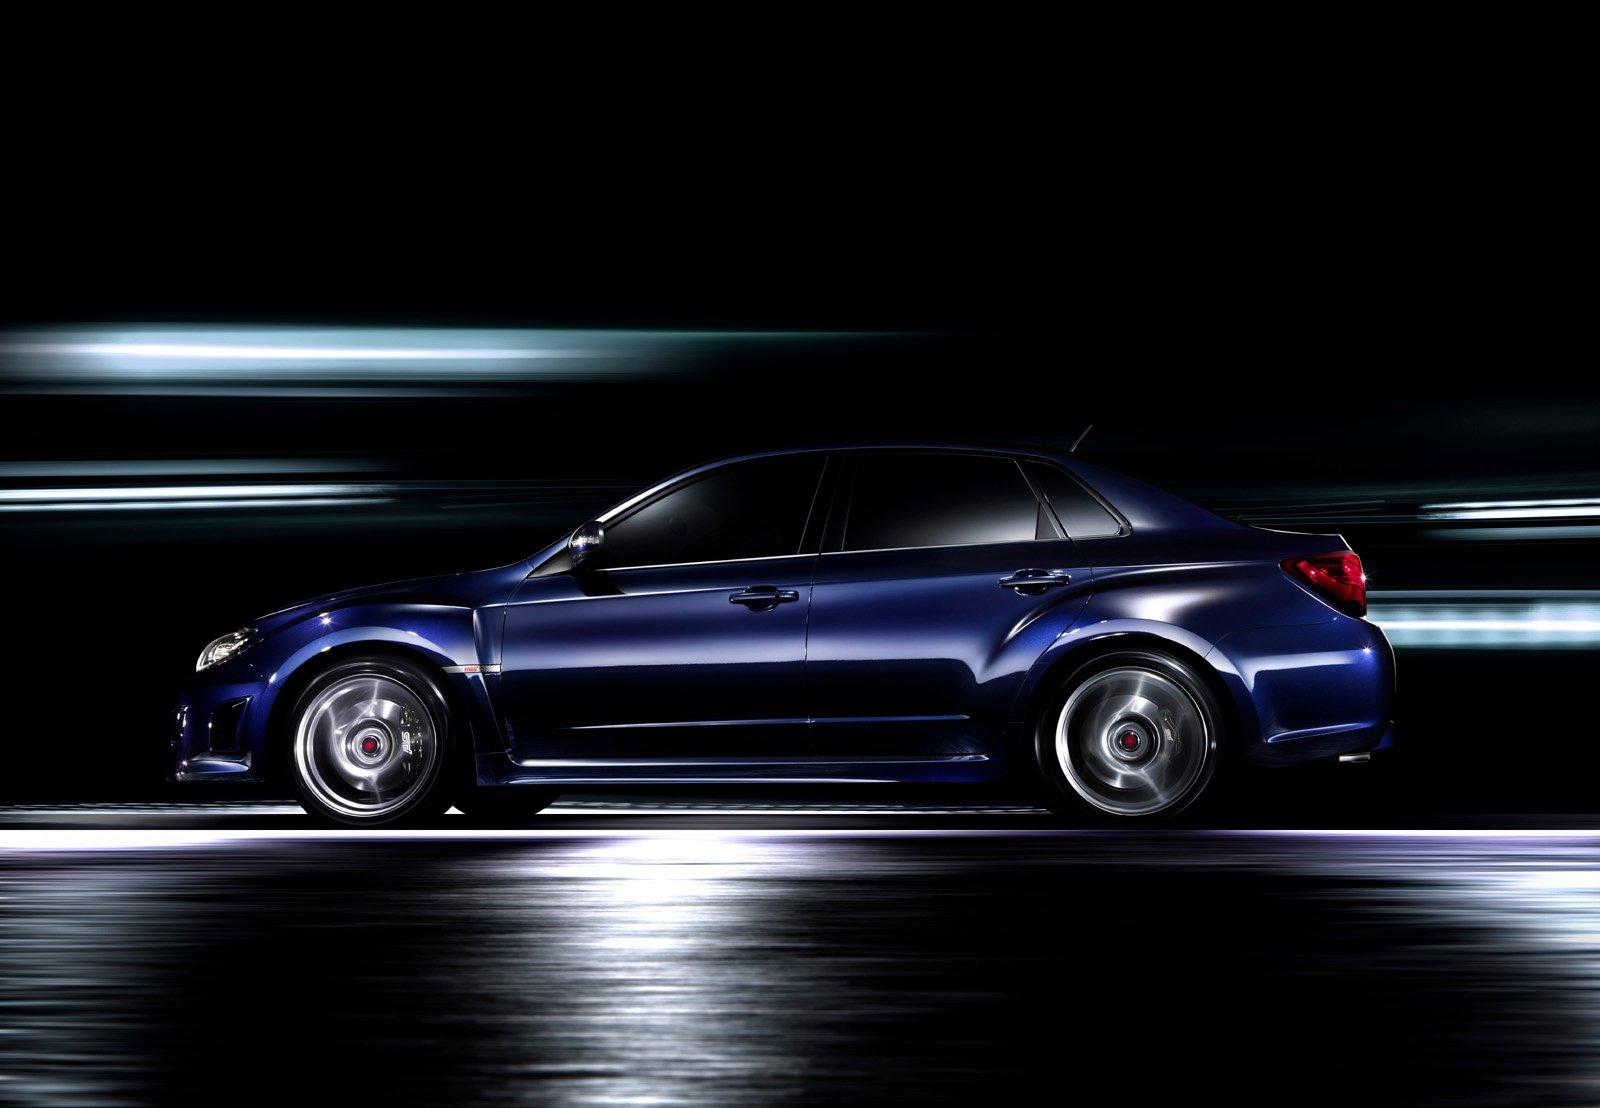 2017 Ford Ranger >> 2011 Subaru Impreza WRX STI automatic - Photos (1 of 31)